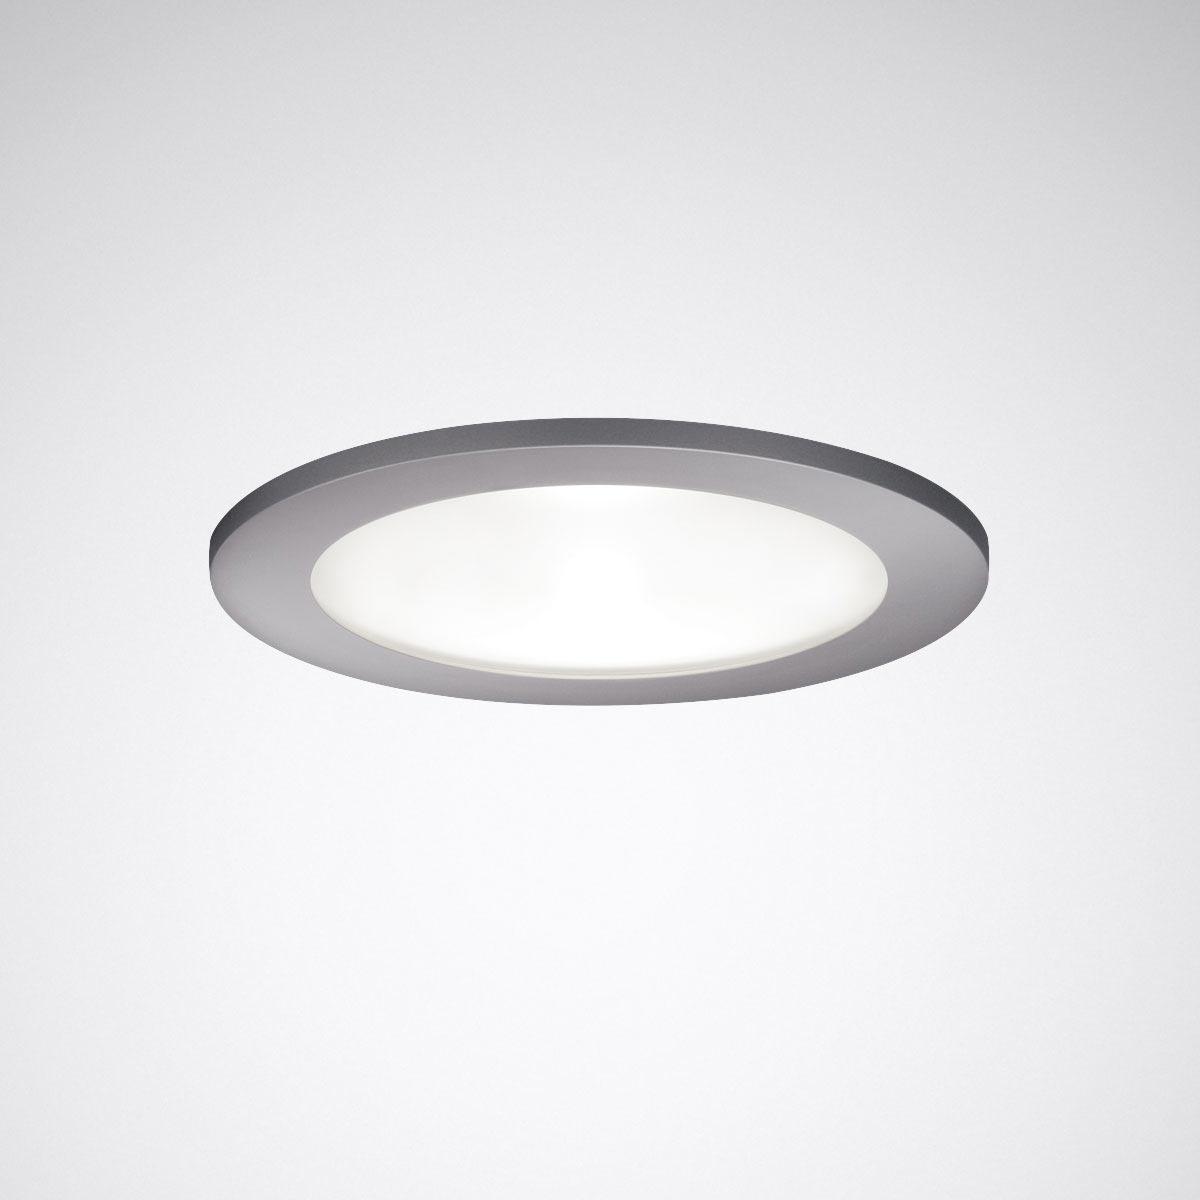 awards for indoor lighting trilux. Black Bedroom Furniture Sets. Home Design Ideas